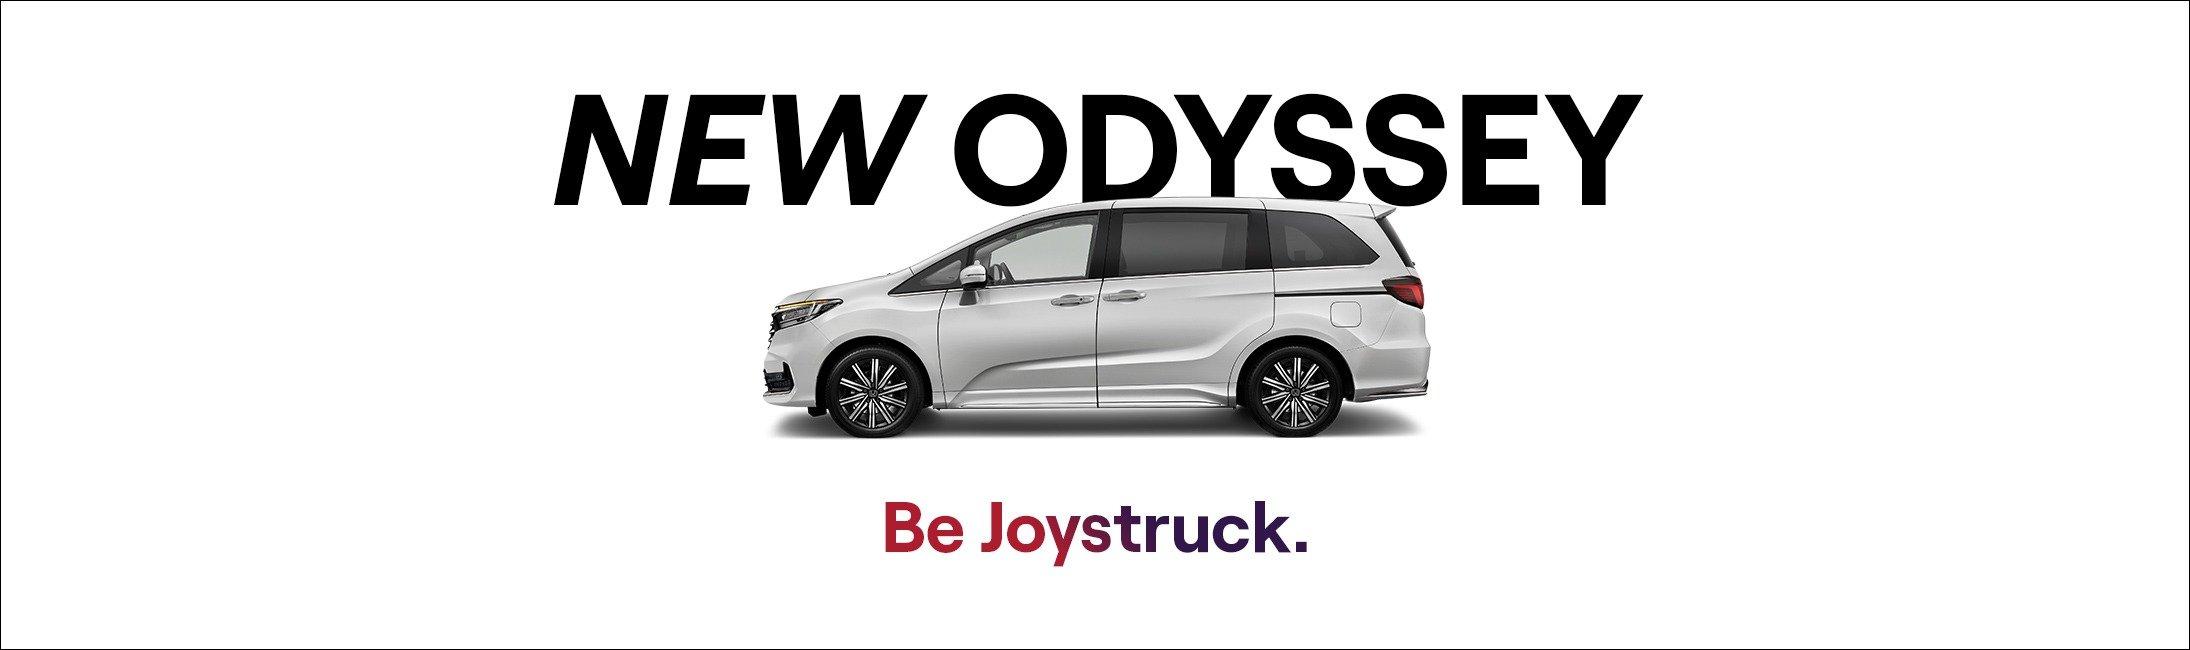 Honda - New Odyssey